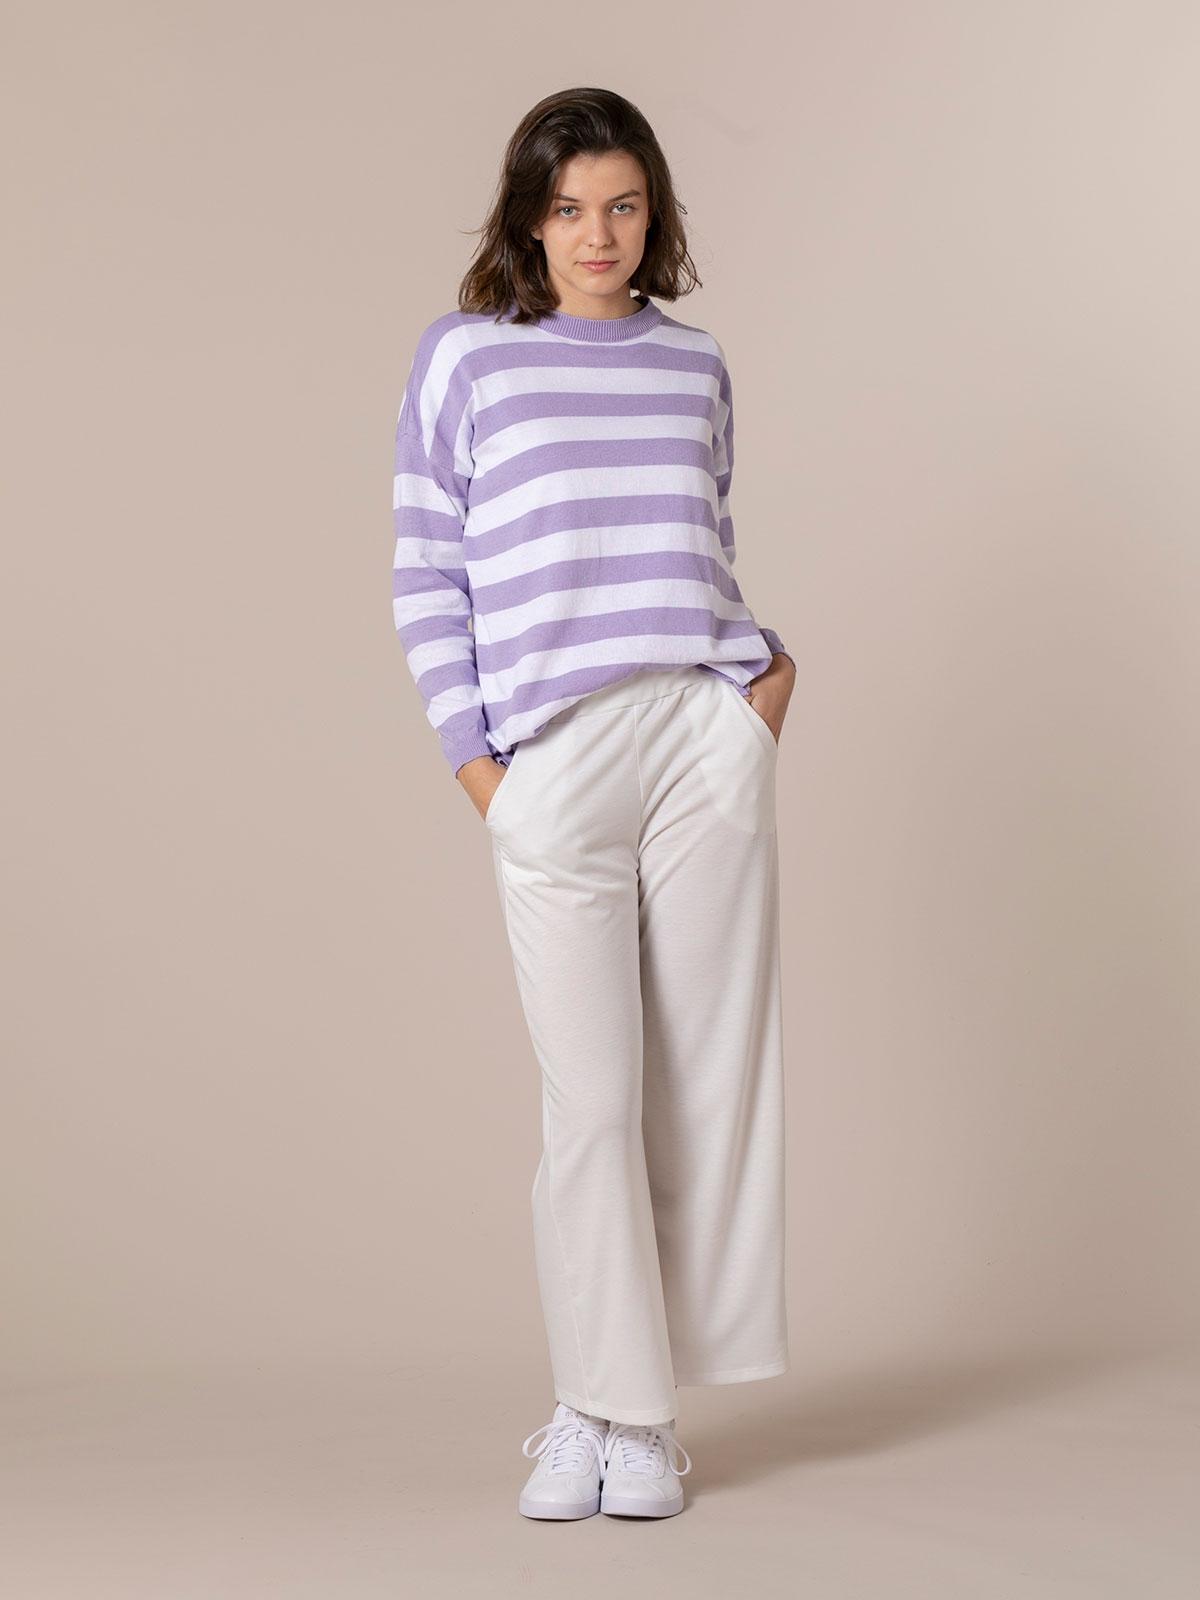 Pantalón mujer culotte algodón Blanco